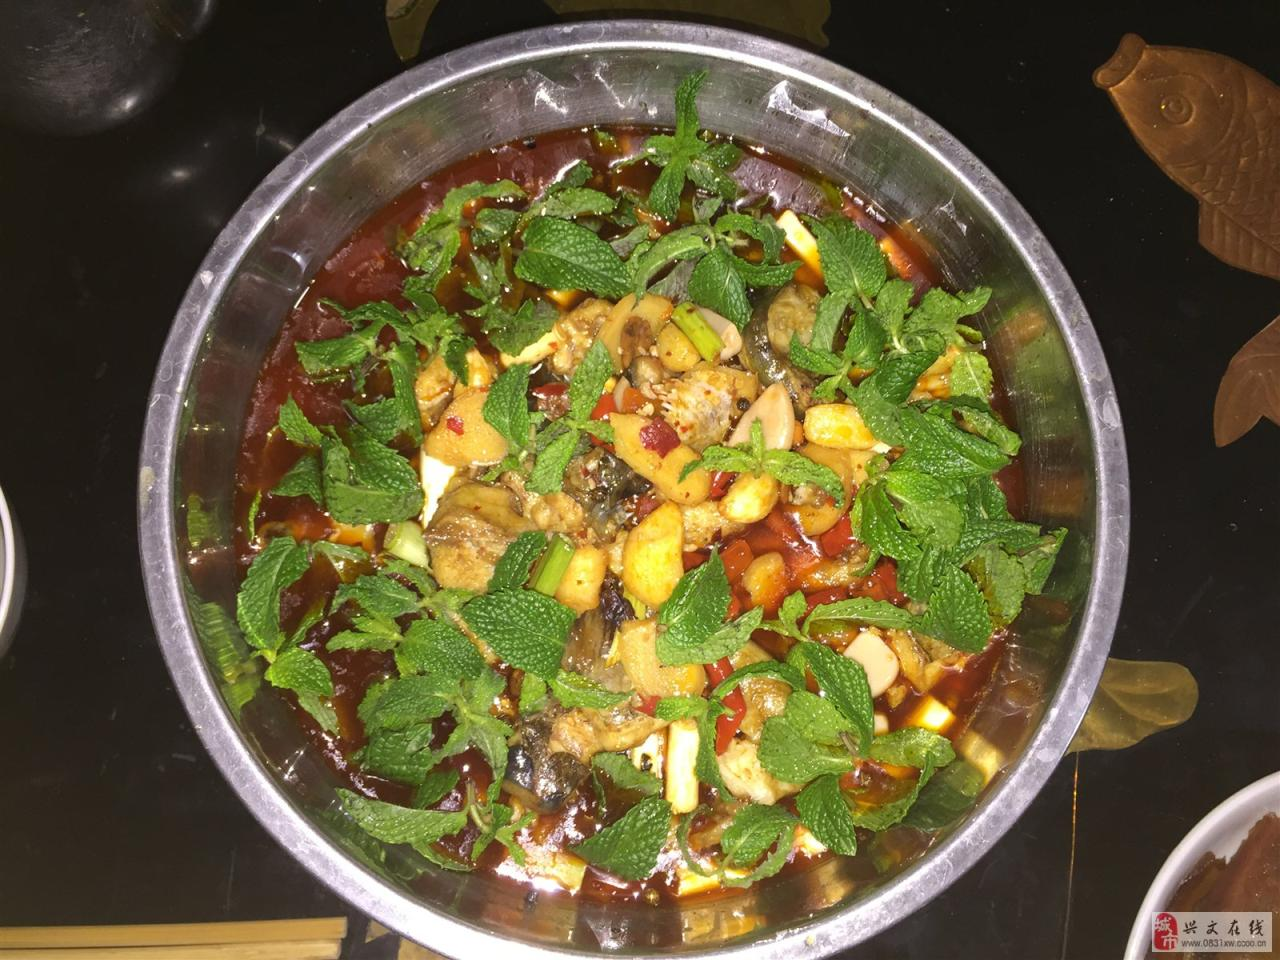 外地爱上美食兴文网友安庆美食文化图片